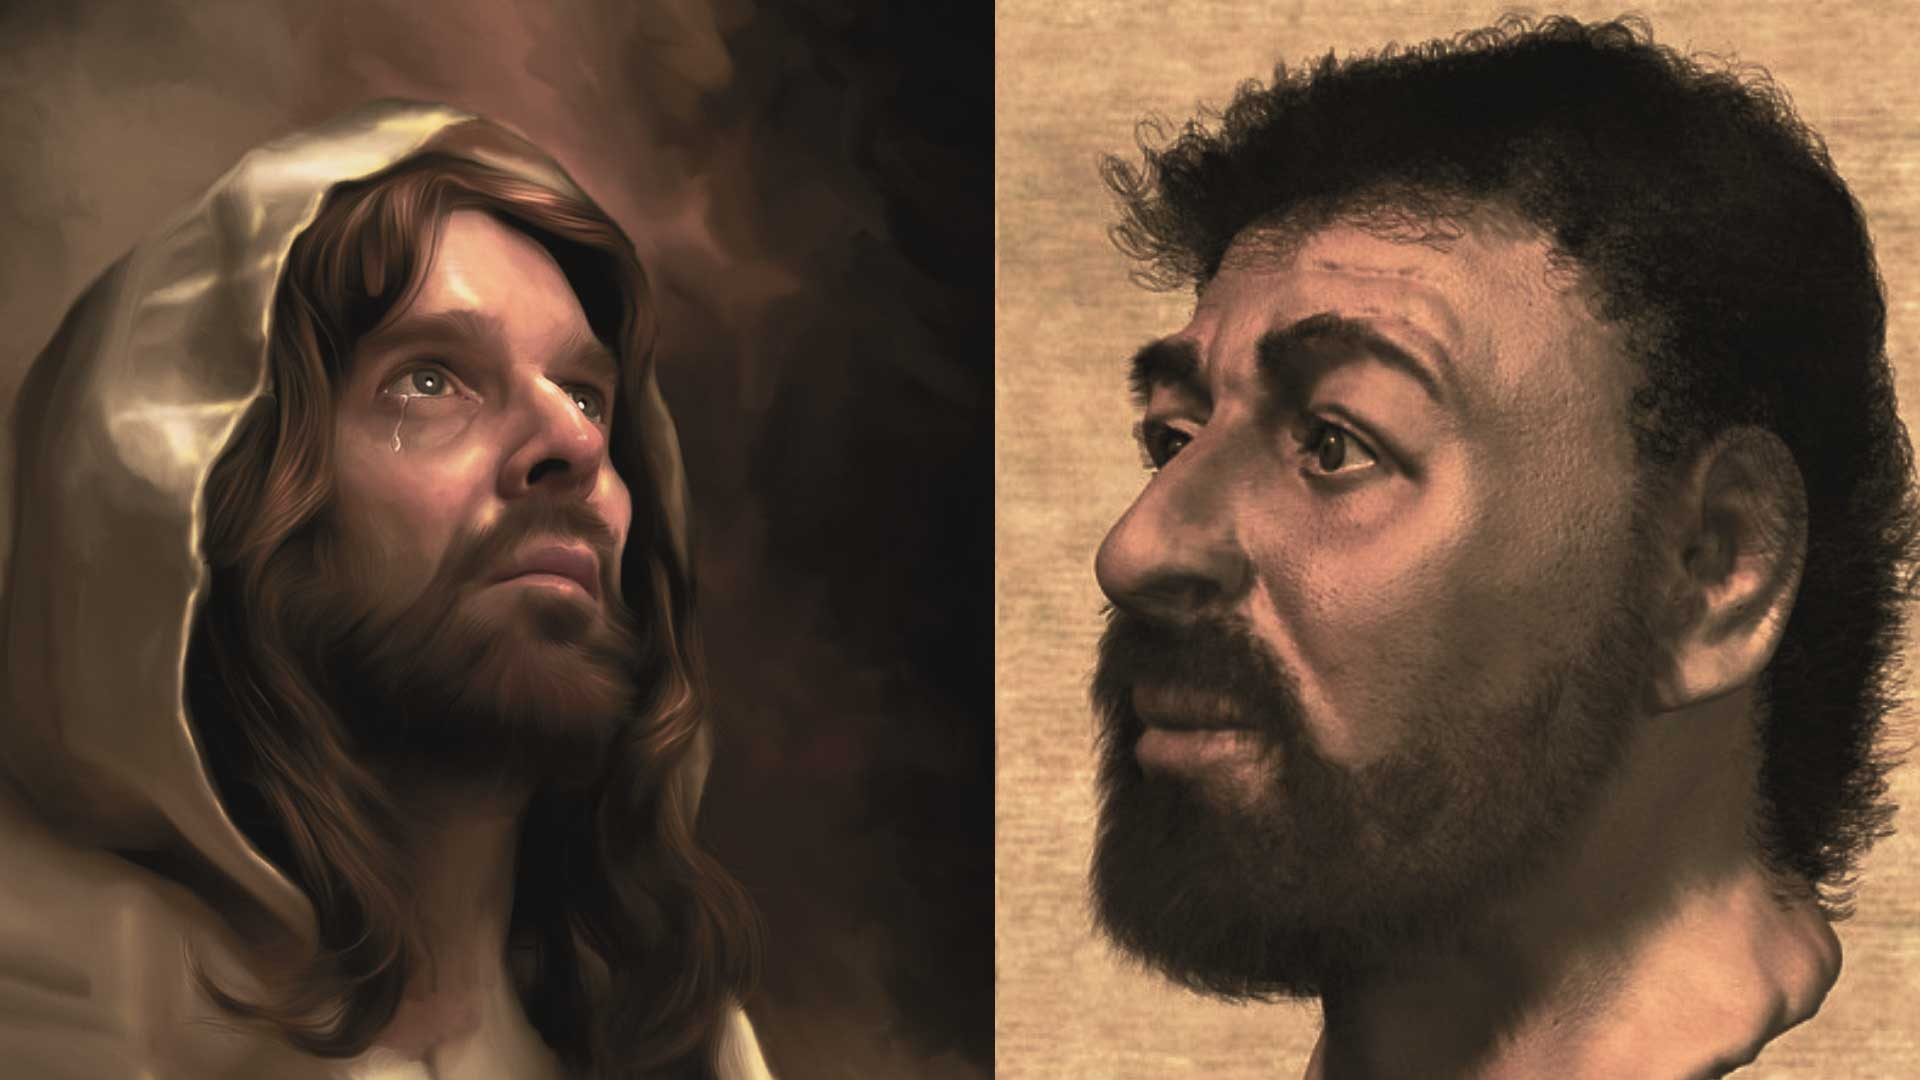 Expertos hablan: El personaje histórico de Jesús pudo haber sido «diferente» a la imagen que tenemos de él